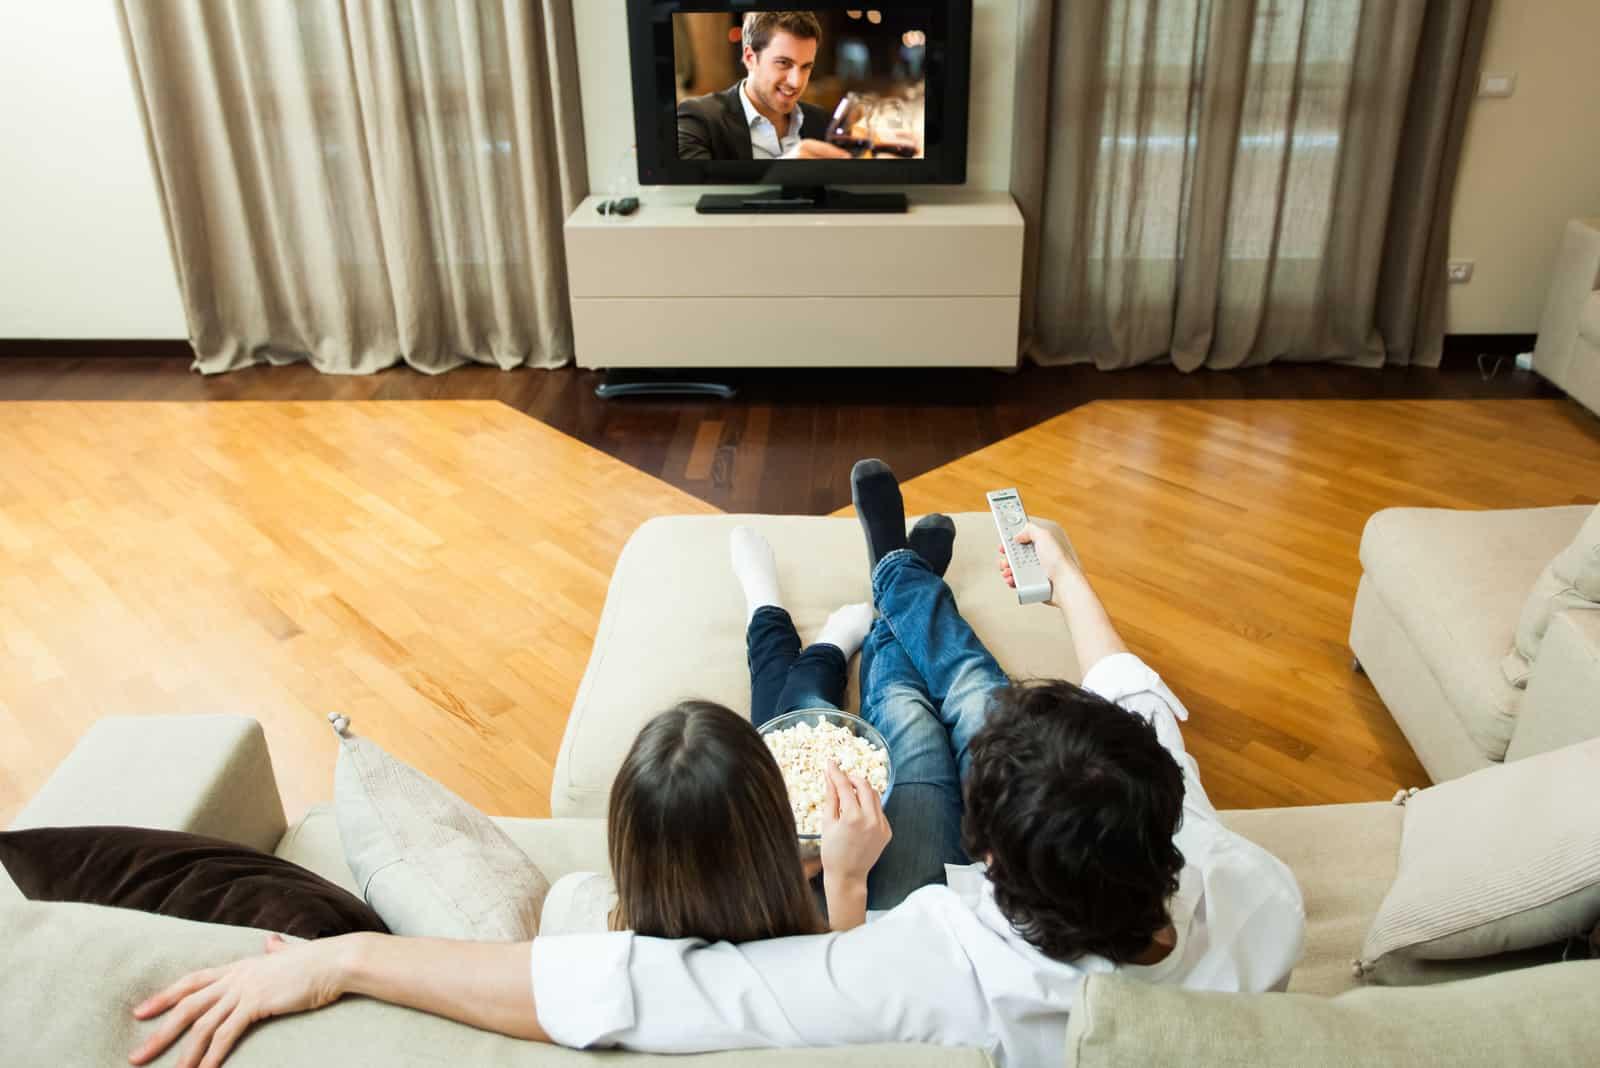 Junges Paar isst Popcorn, während es einen Film sieht